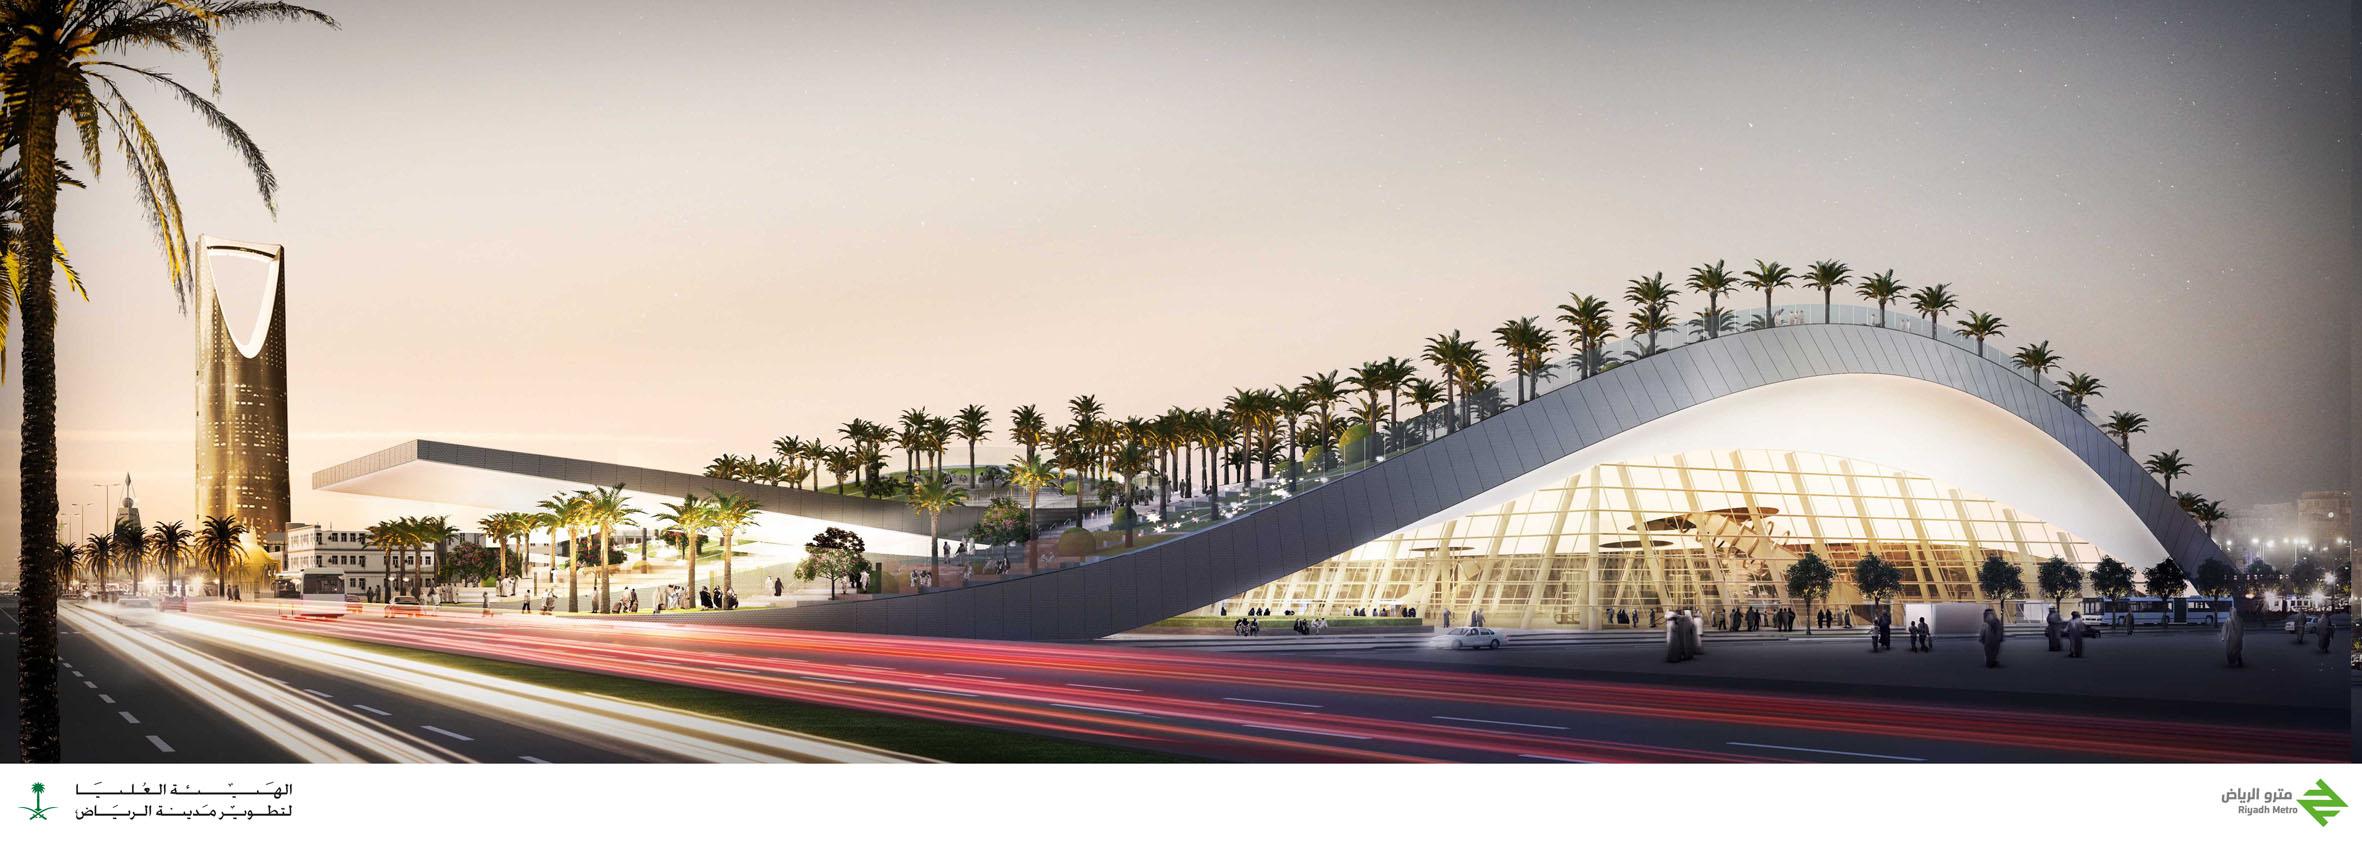 Olaya Metro Station By Gerber Architekten